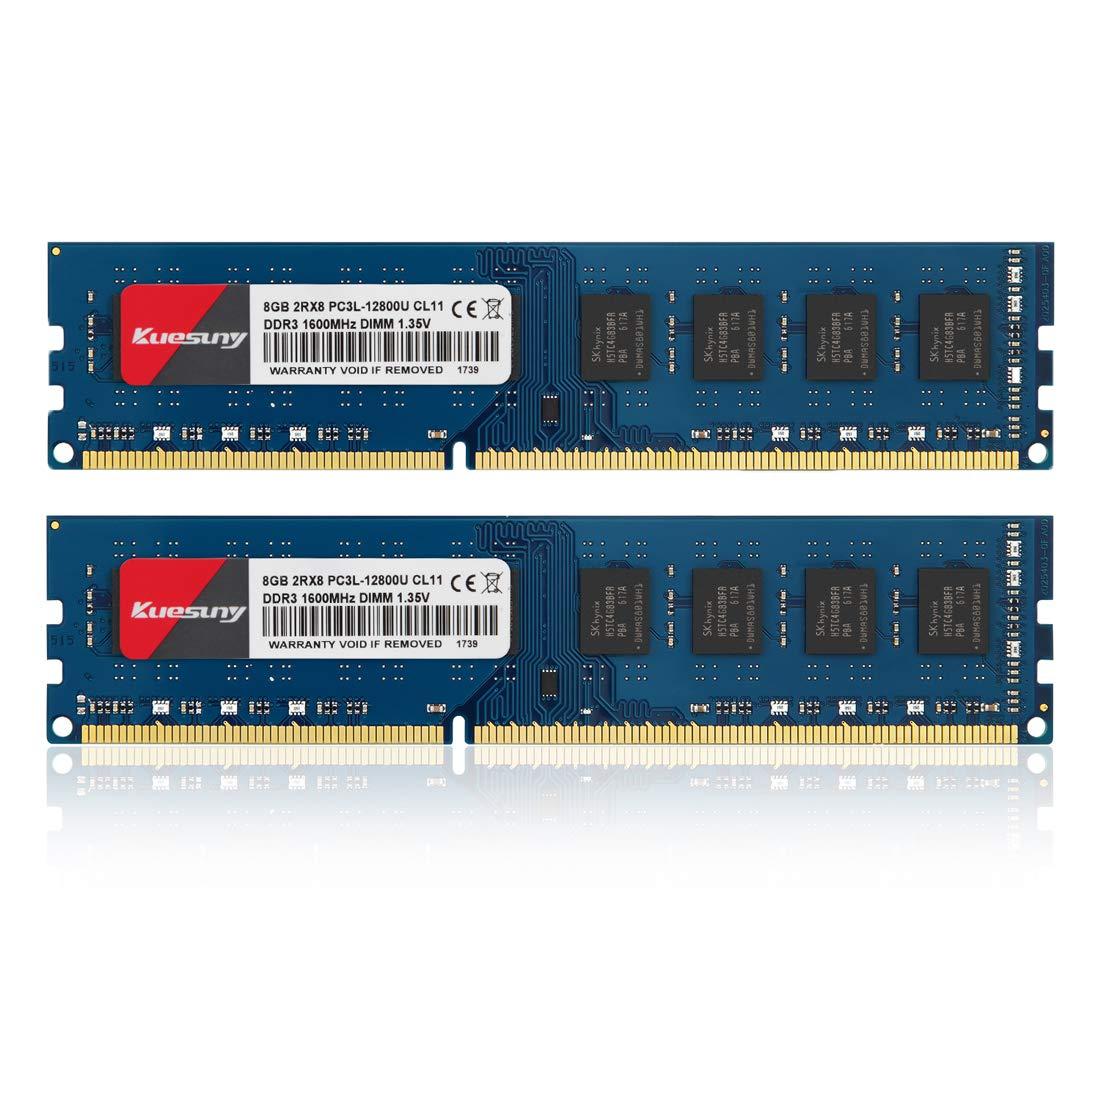 Memoria RAM 16GB Kuesuny Kit (8GBX2) DDR3L-1600 Udimm PC3L-12800/PC3L-12800U 8GB CL11 240 Pin 2RX8 Dual Rank Non ECC Unb